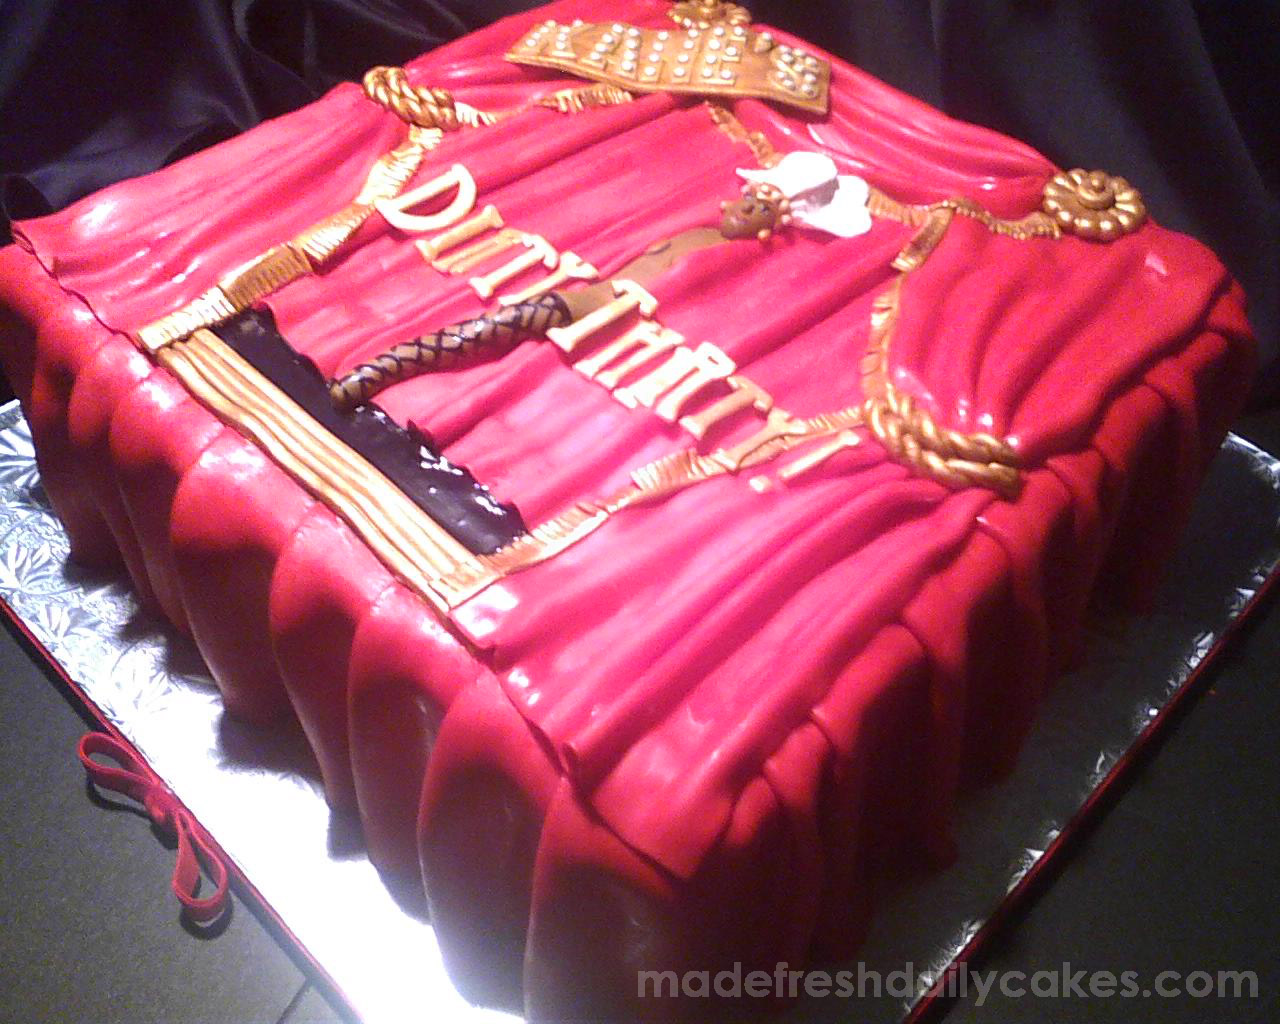 Kanes Dirty Thirty Cake